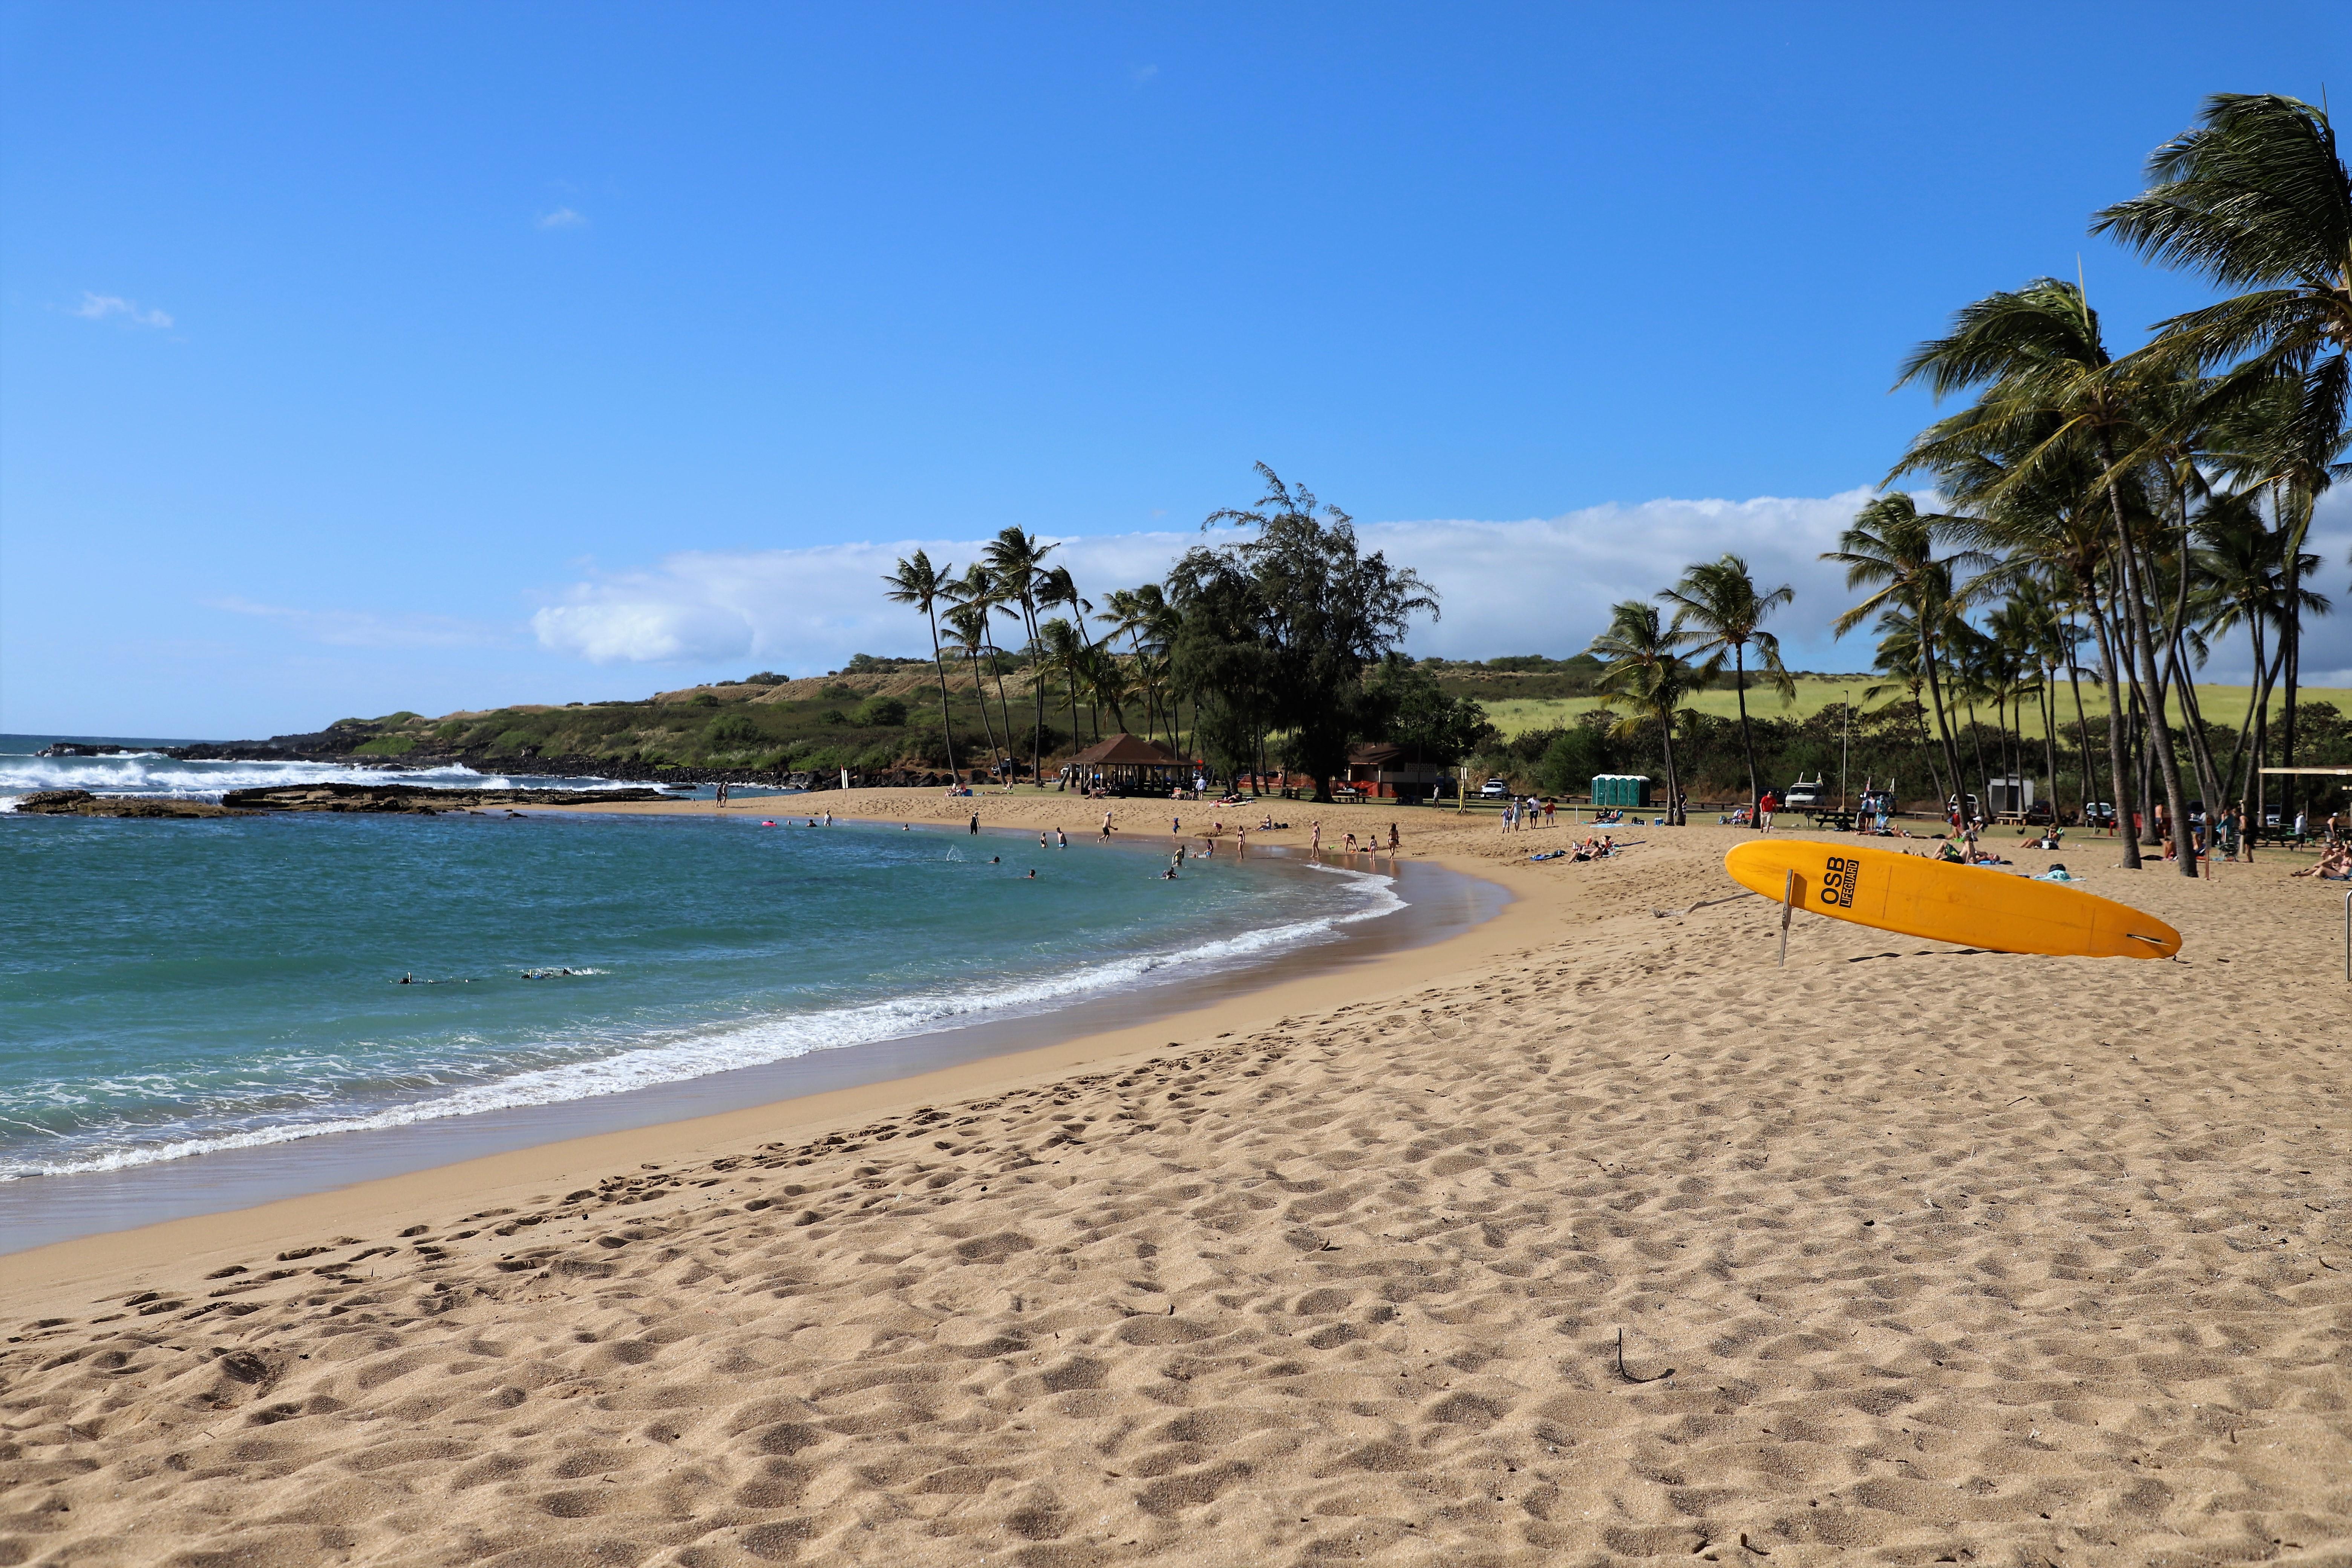 2018 11 28 188 Kauai HI.JPG